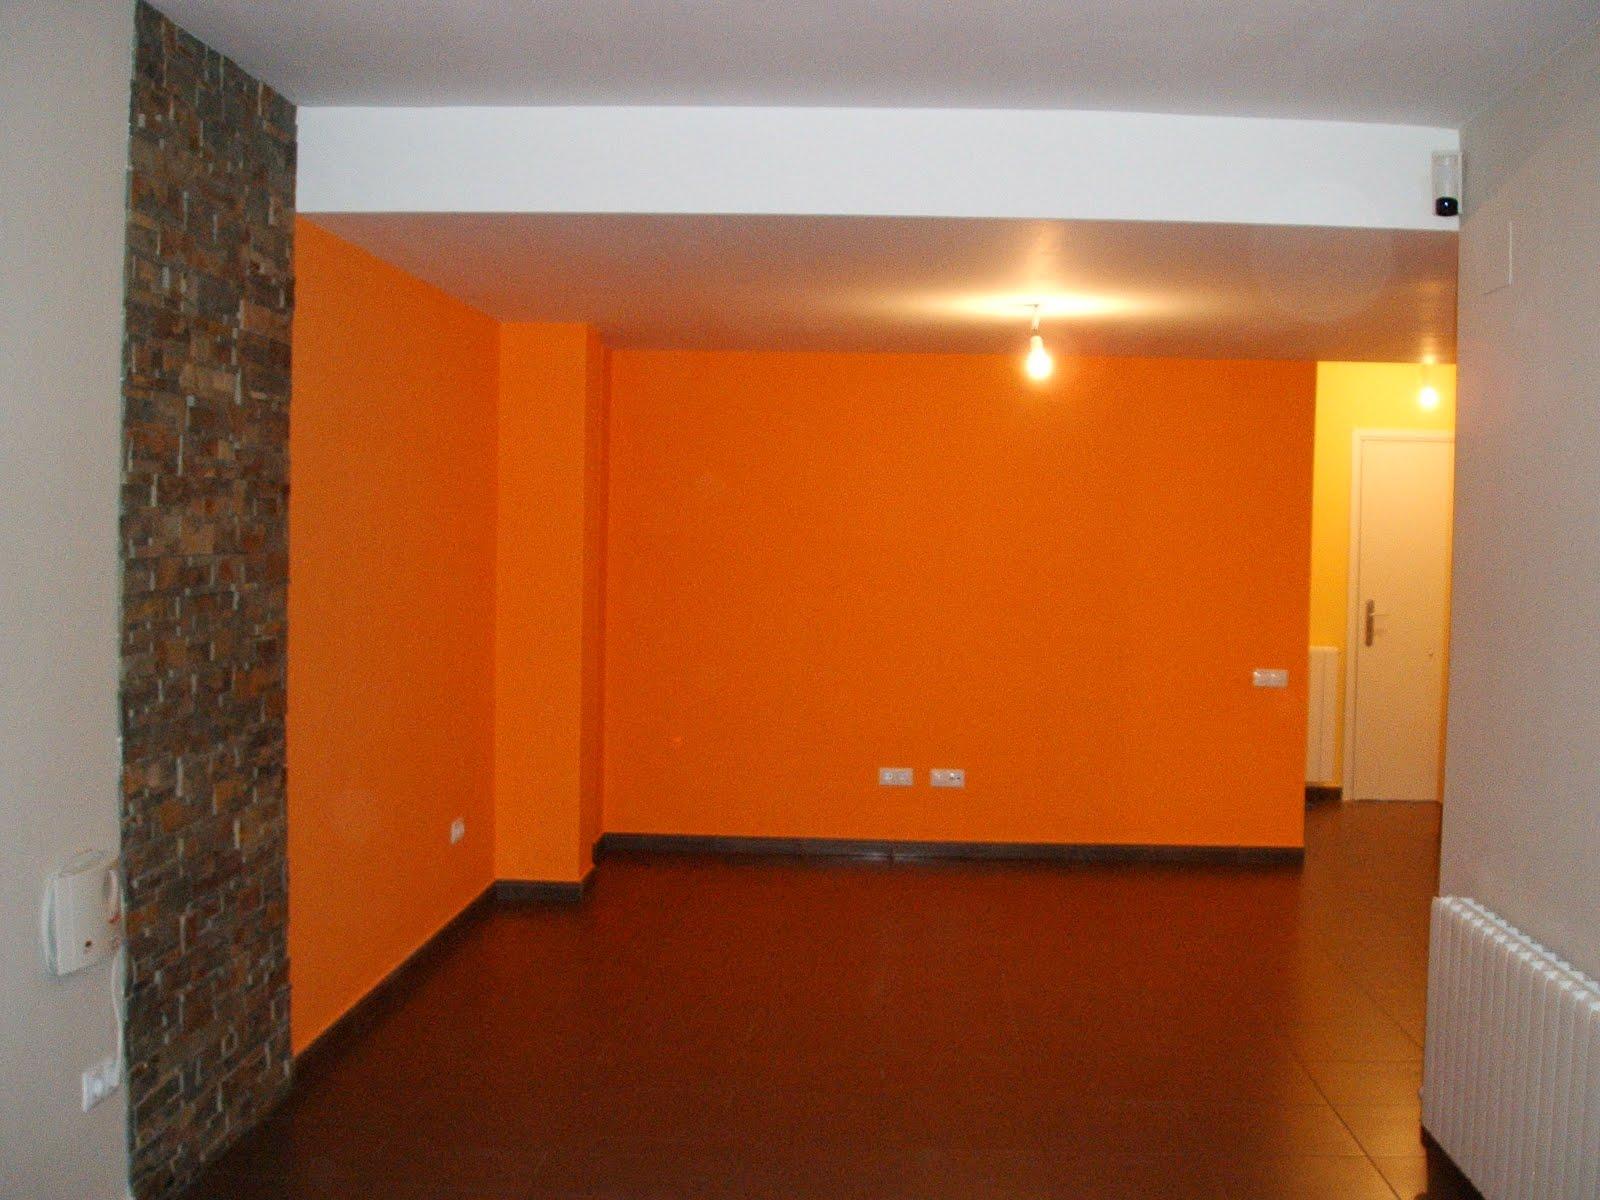 Luis francisco uribe acabado de pinturas de primera calidad - Decoracion de pintura para interiores ...